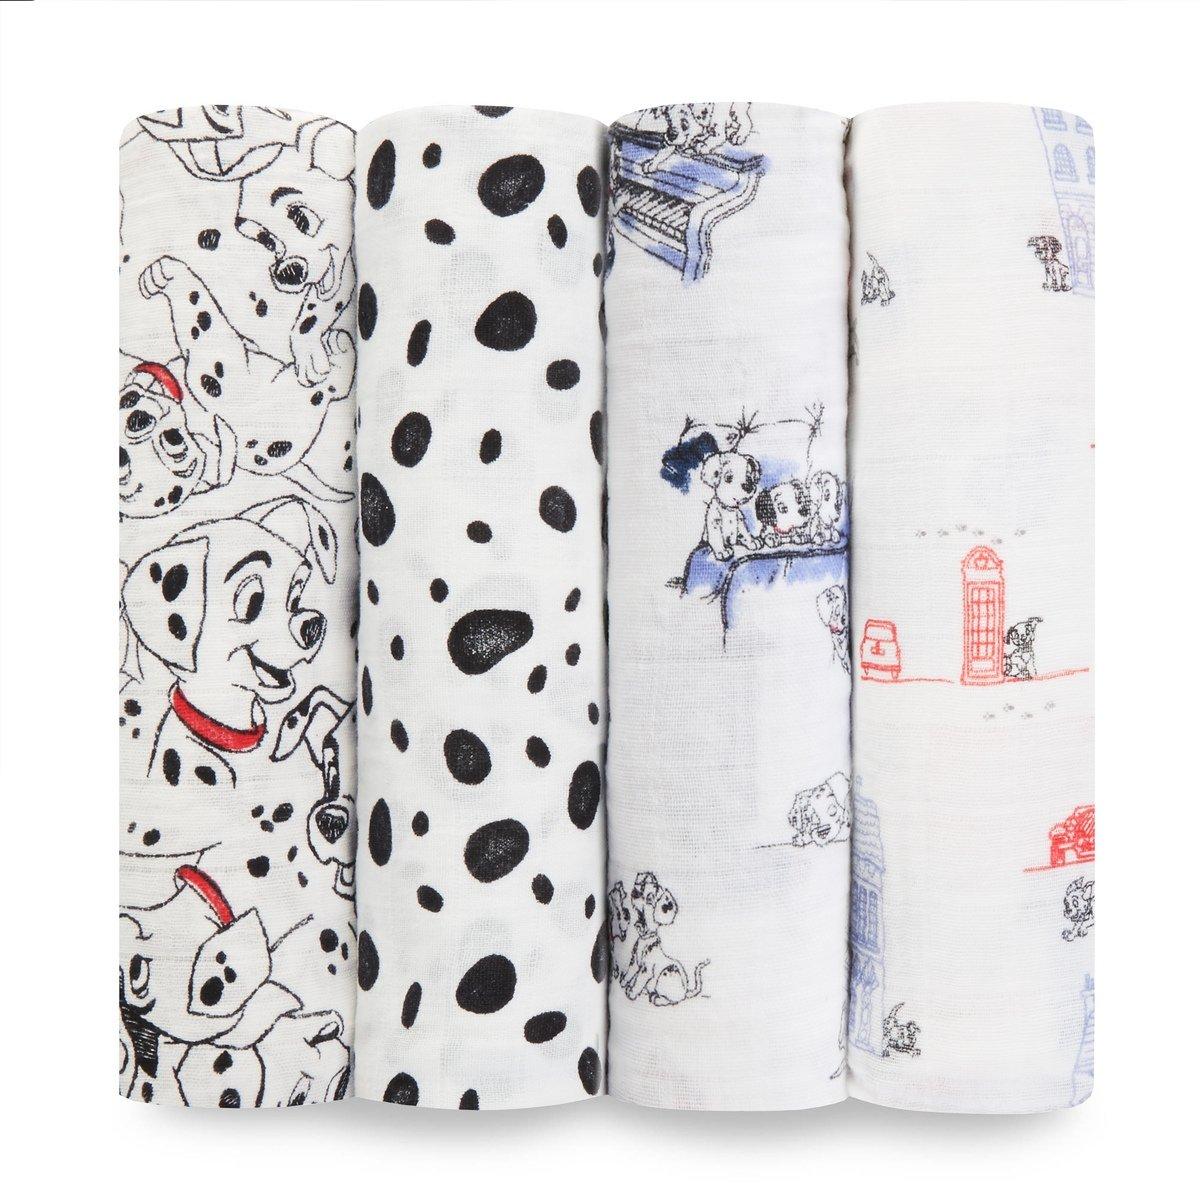 aden + anais Disney Baby swaddle, 100% cotton muslin, 120cm X 120cm, 4 pack, Bambi Aden and Anais DISN102G